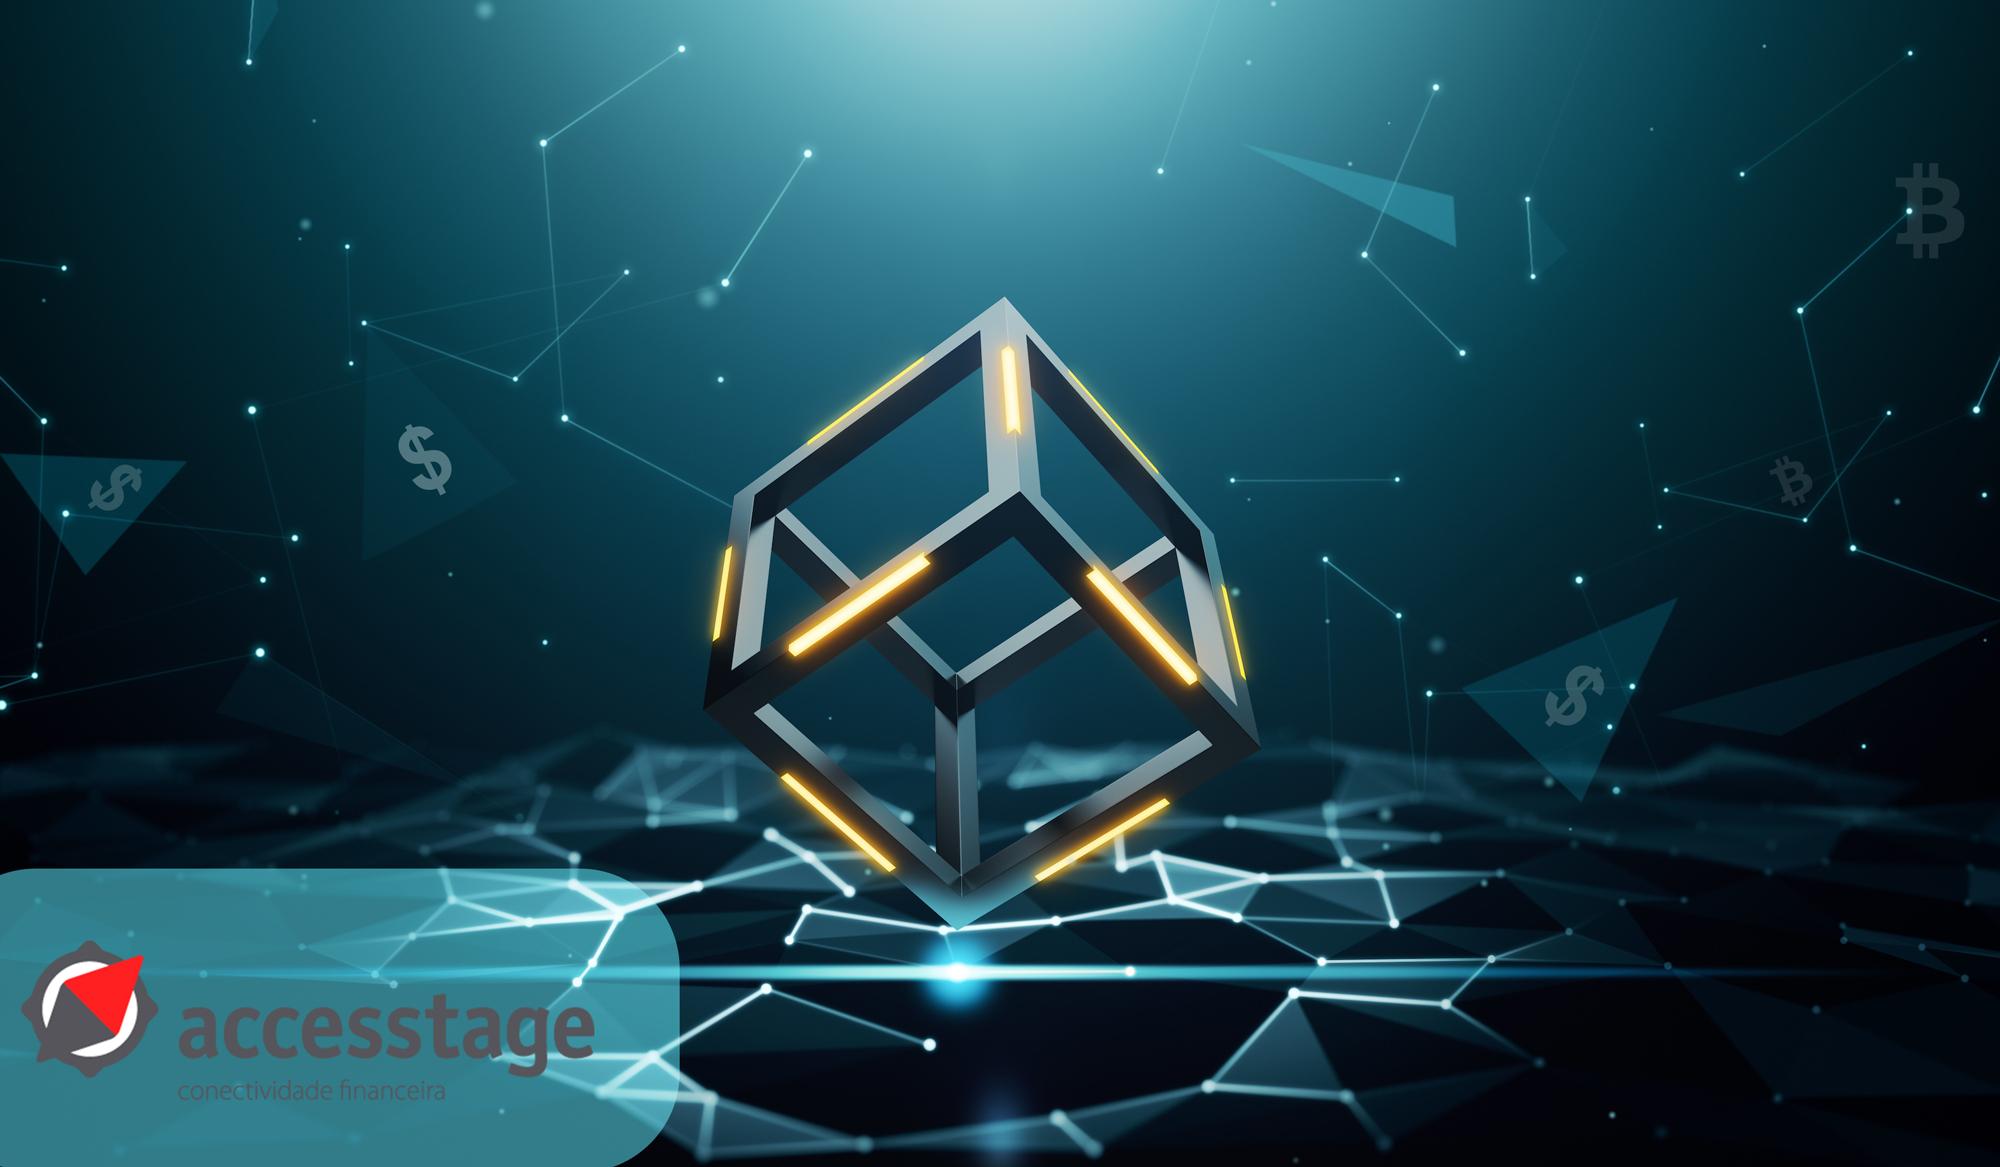 Blockchain-Accesstage